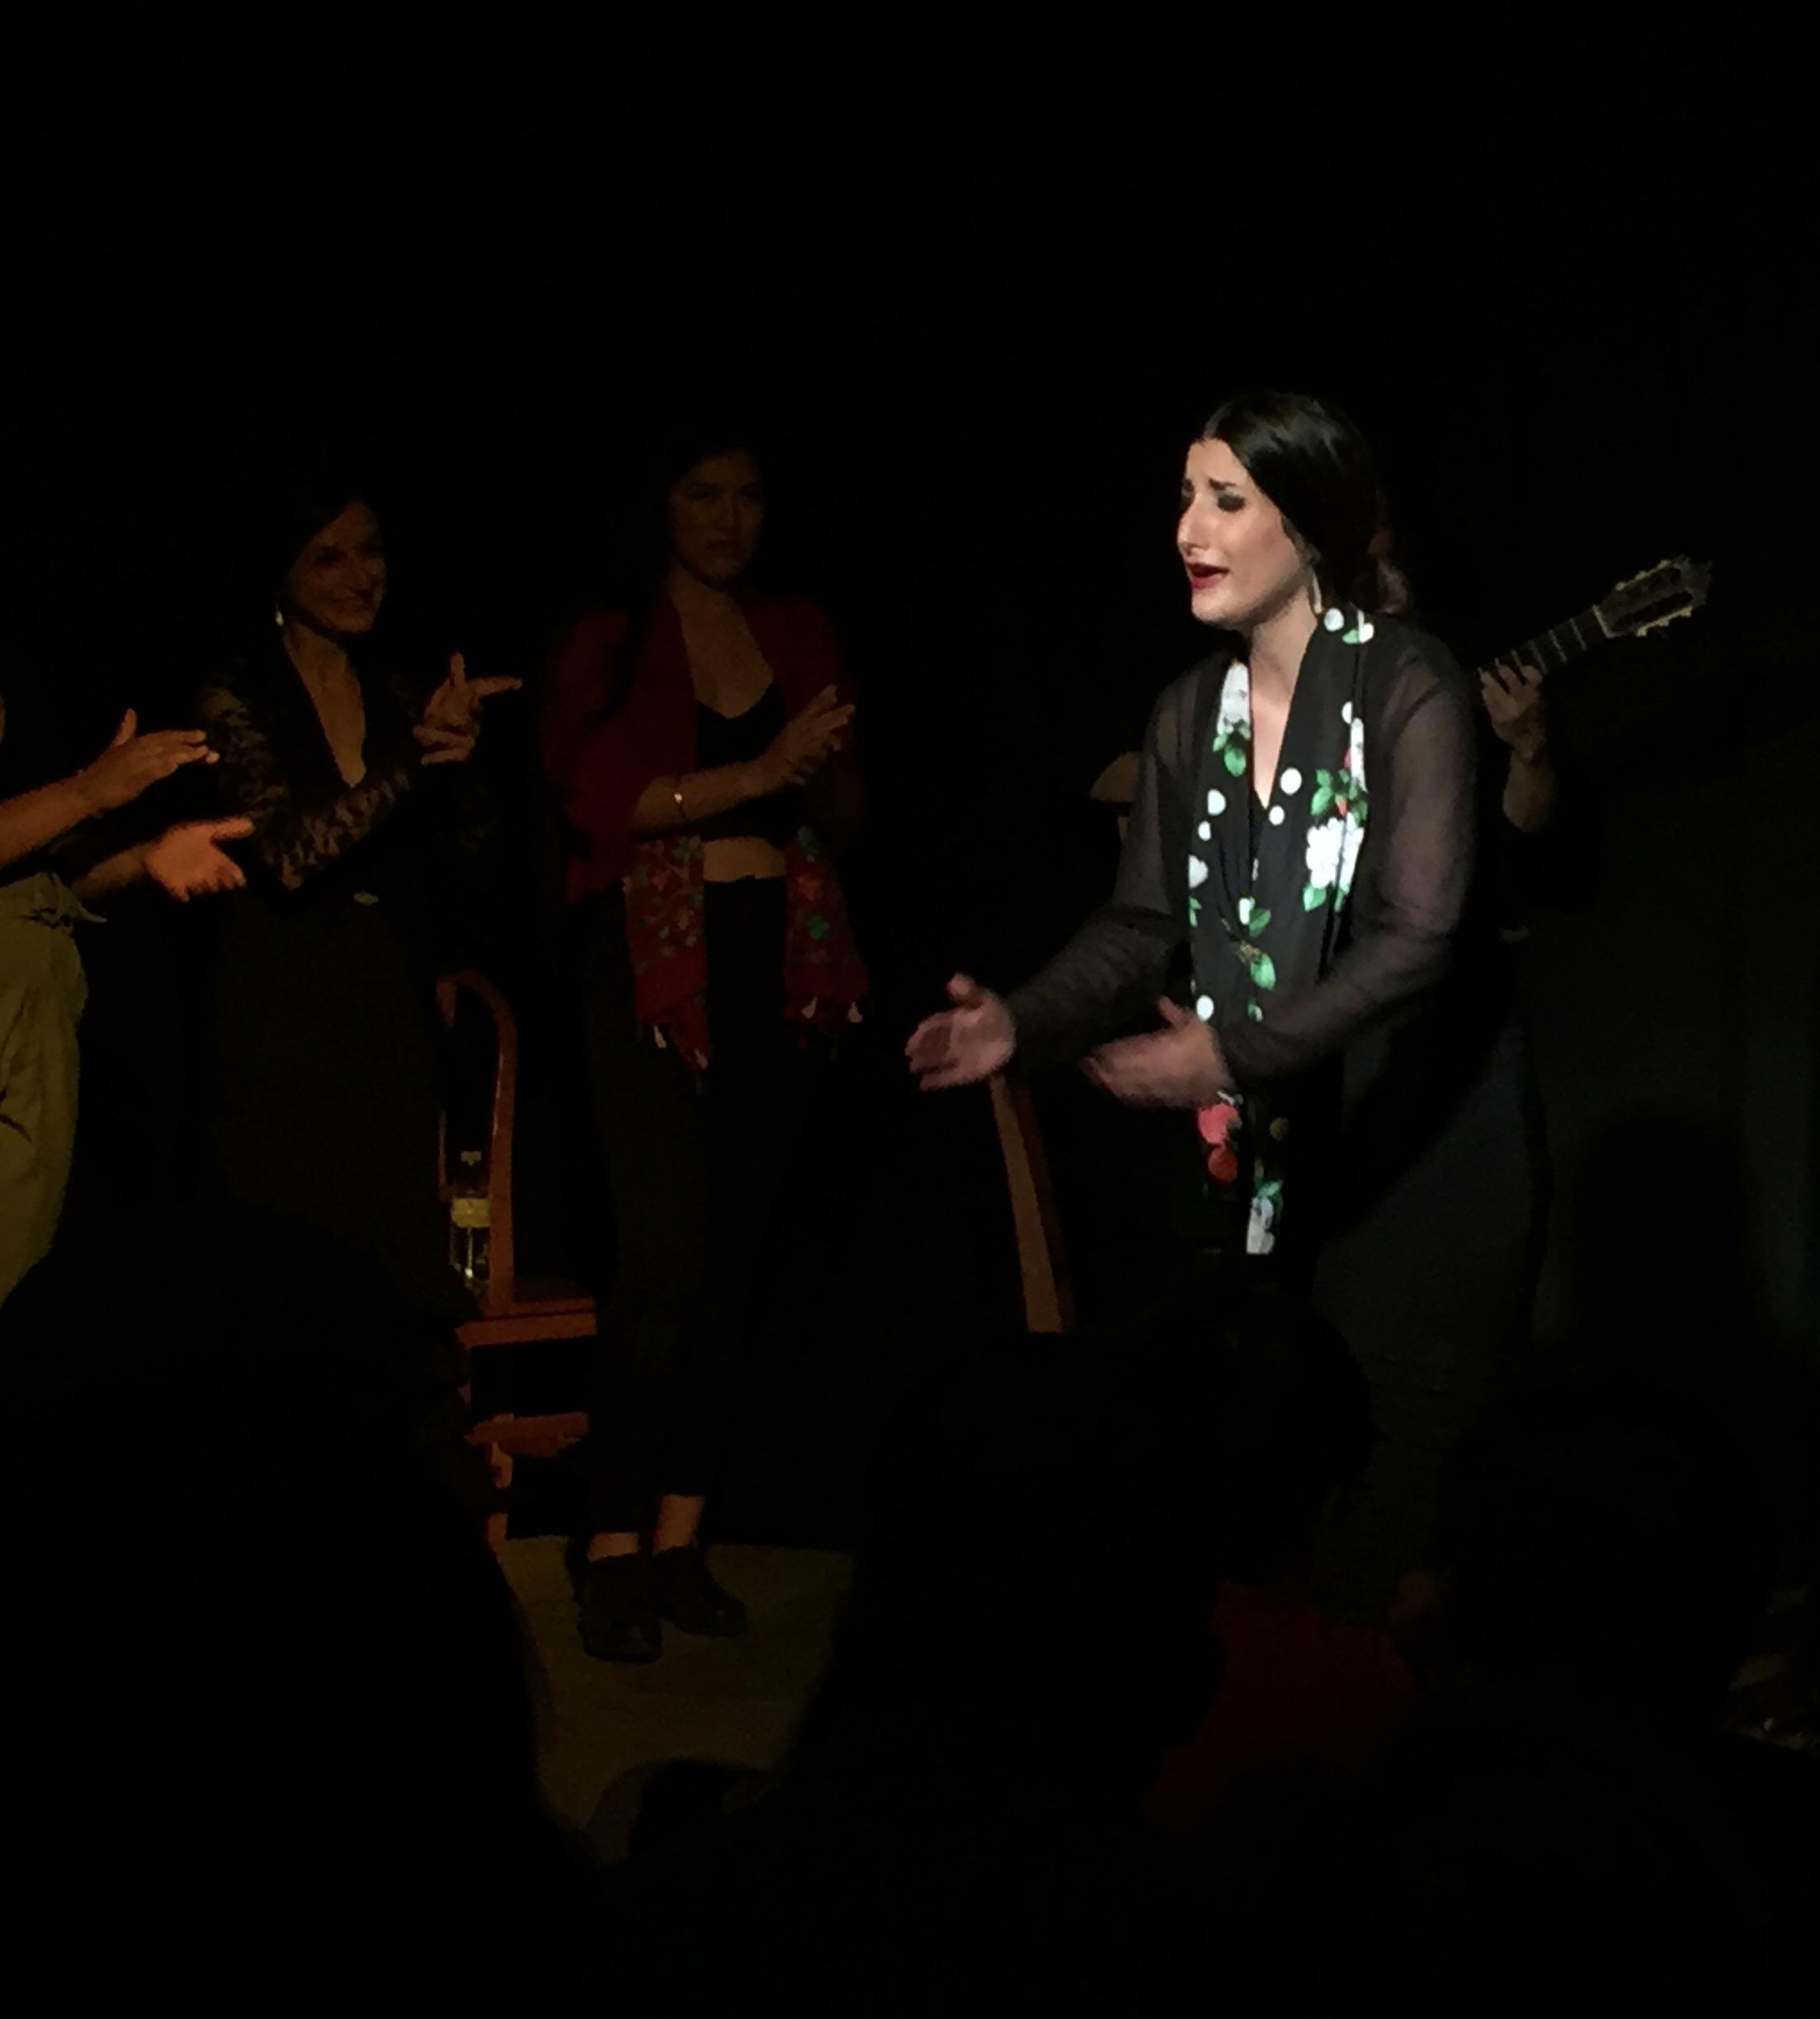 Singer Cristina Regajo Bravo performing in a  fin de fiesta  at Zenith in Seville